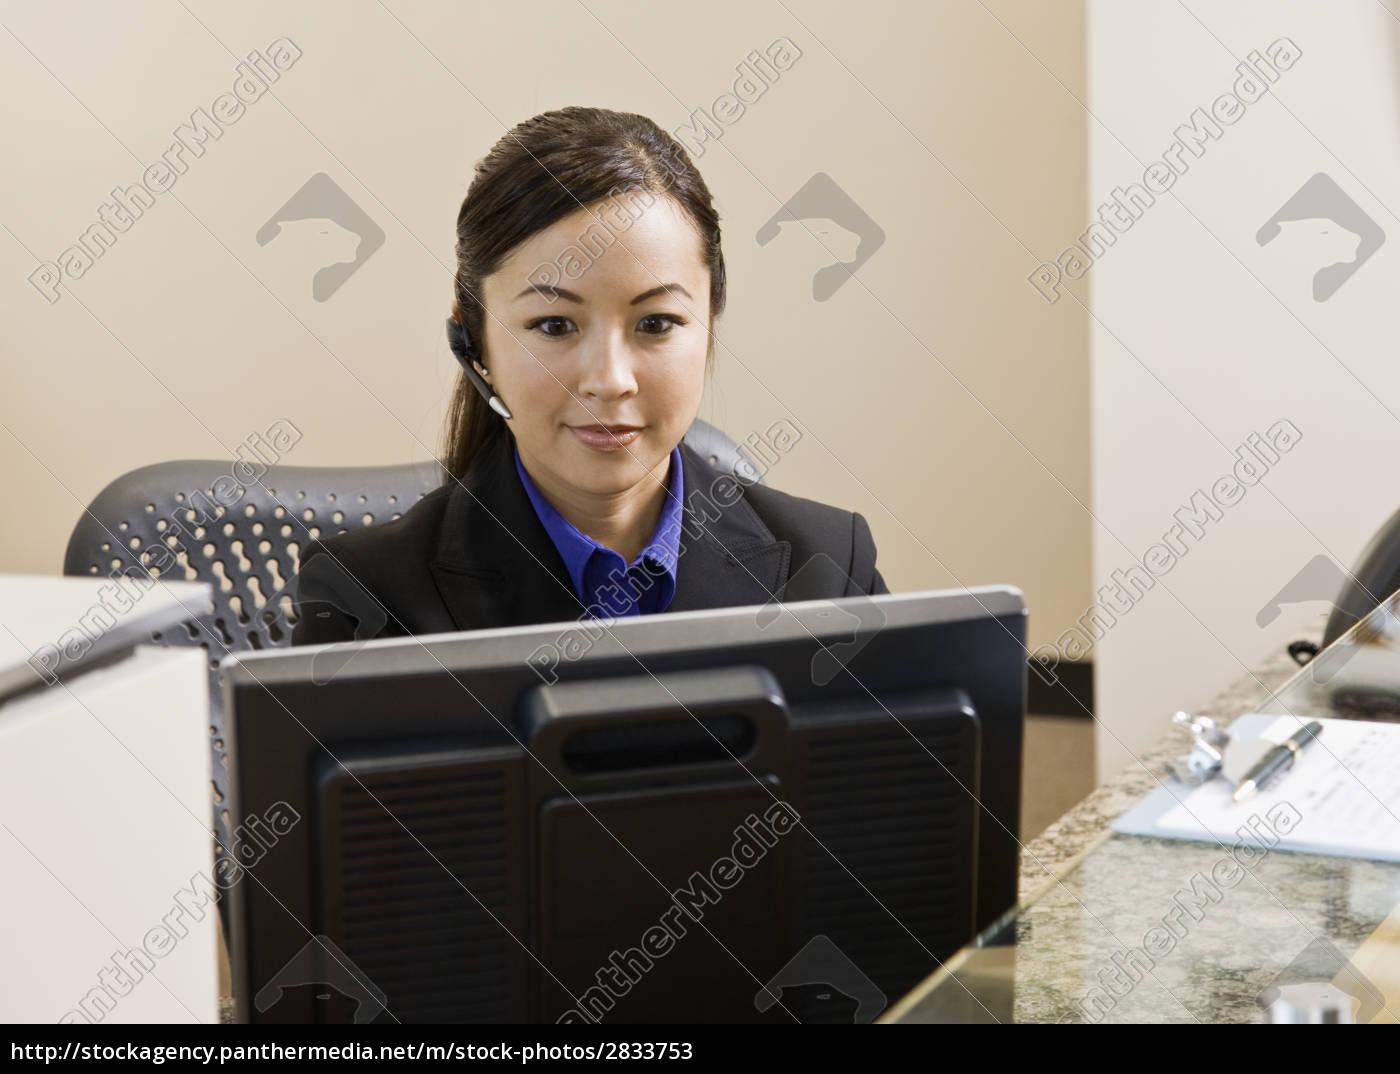 young, woman, at, computer - 2833753